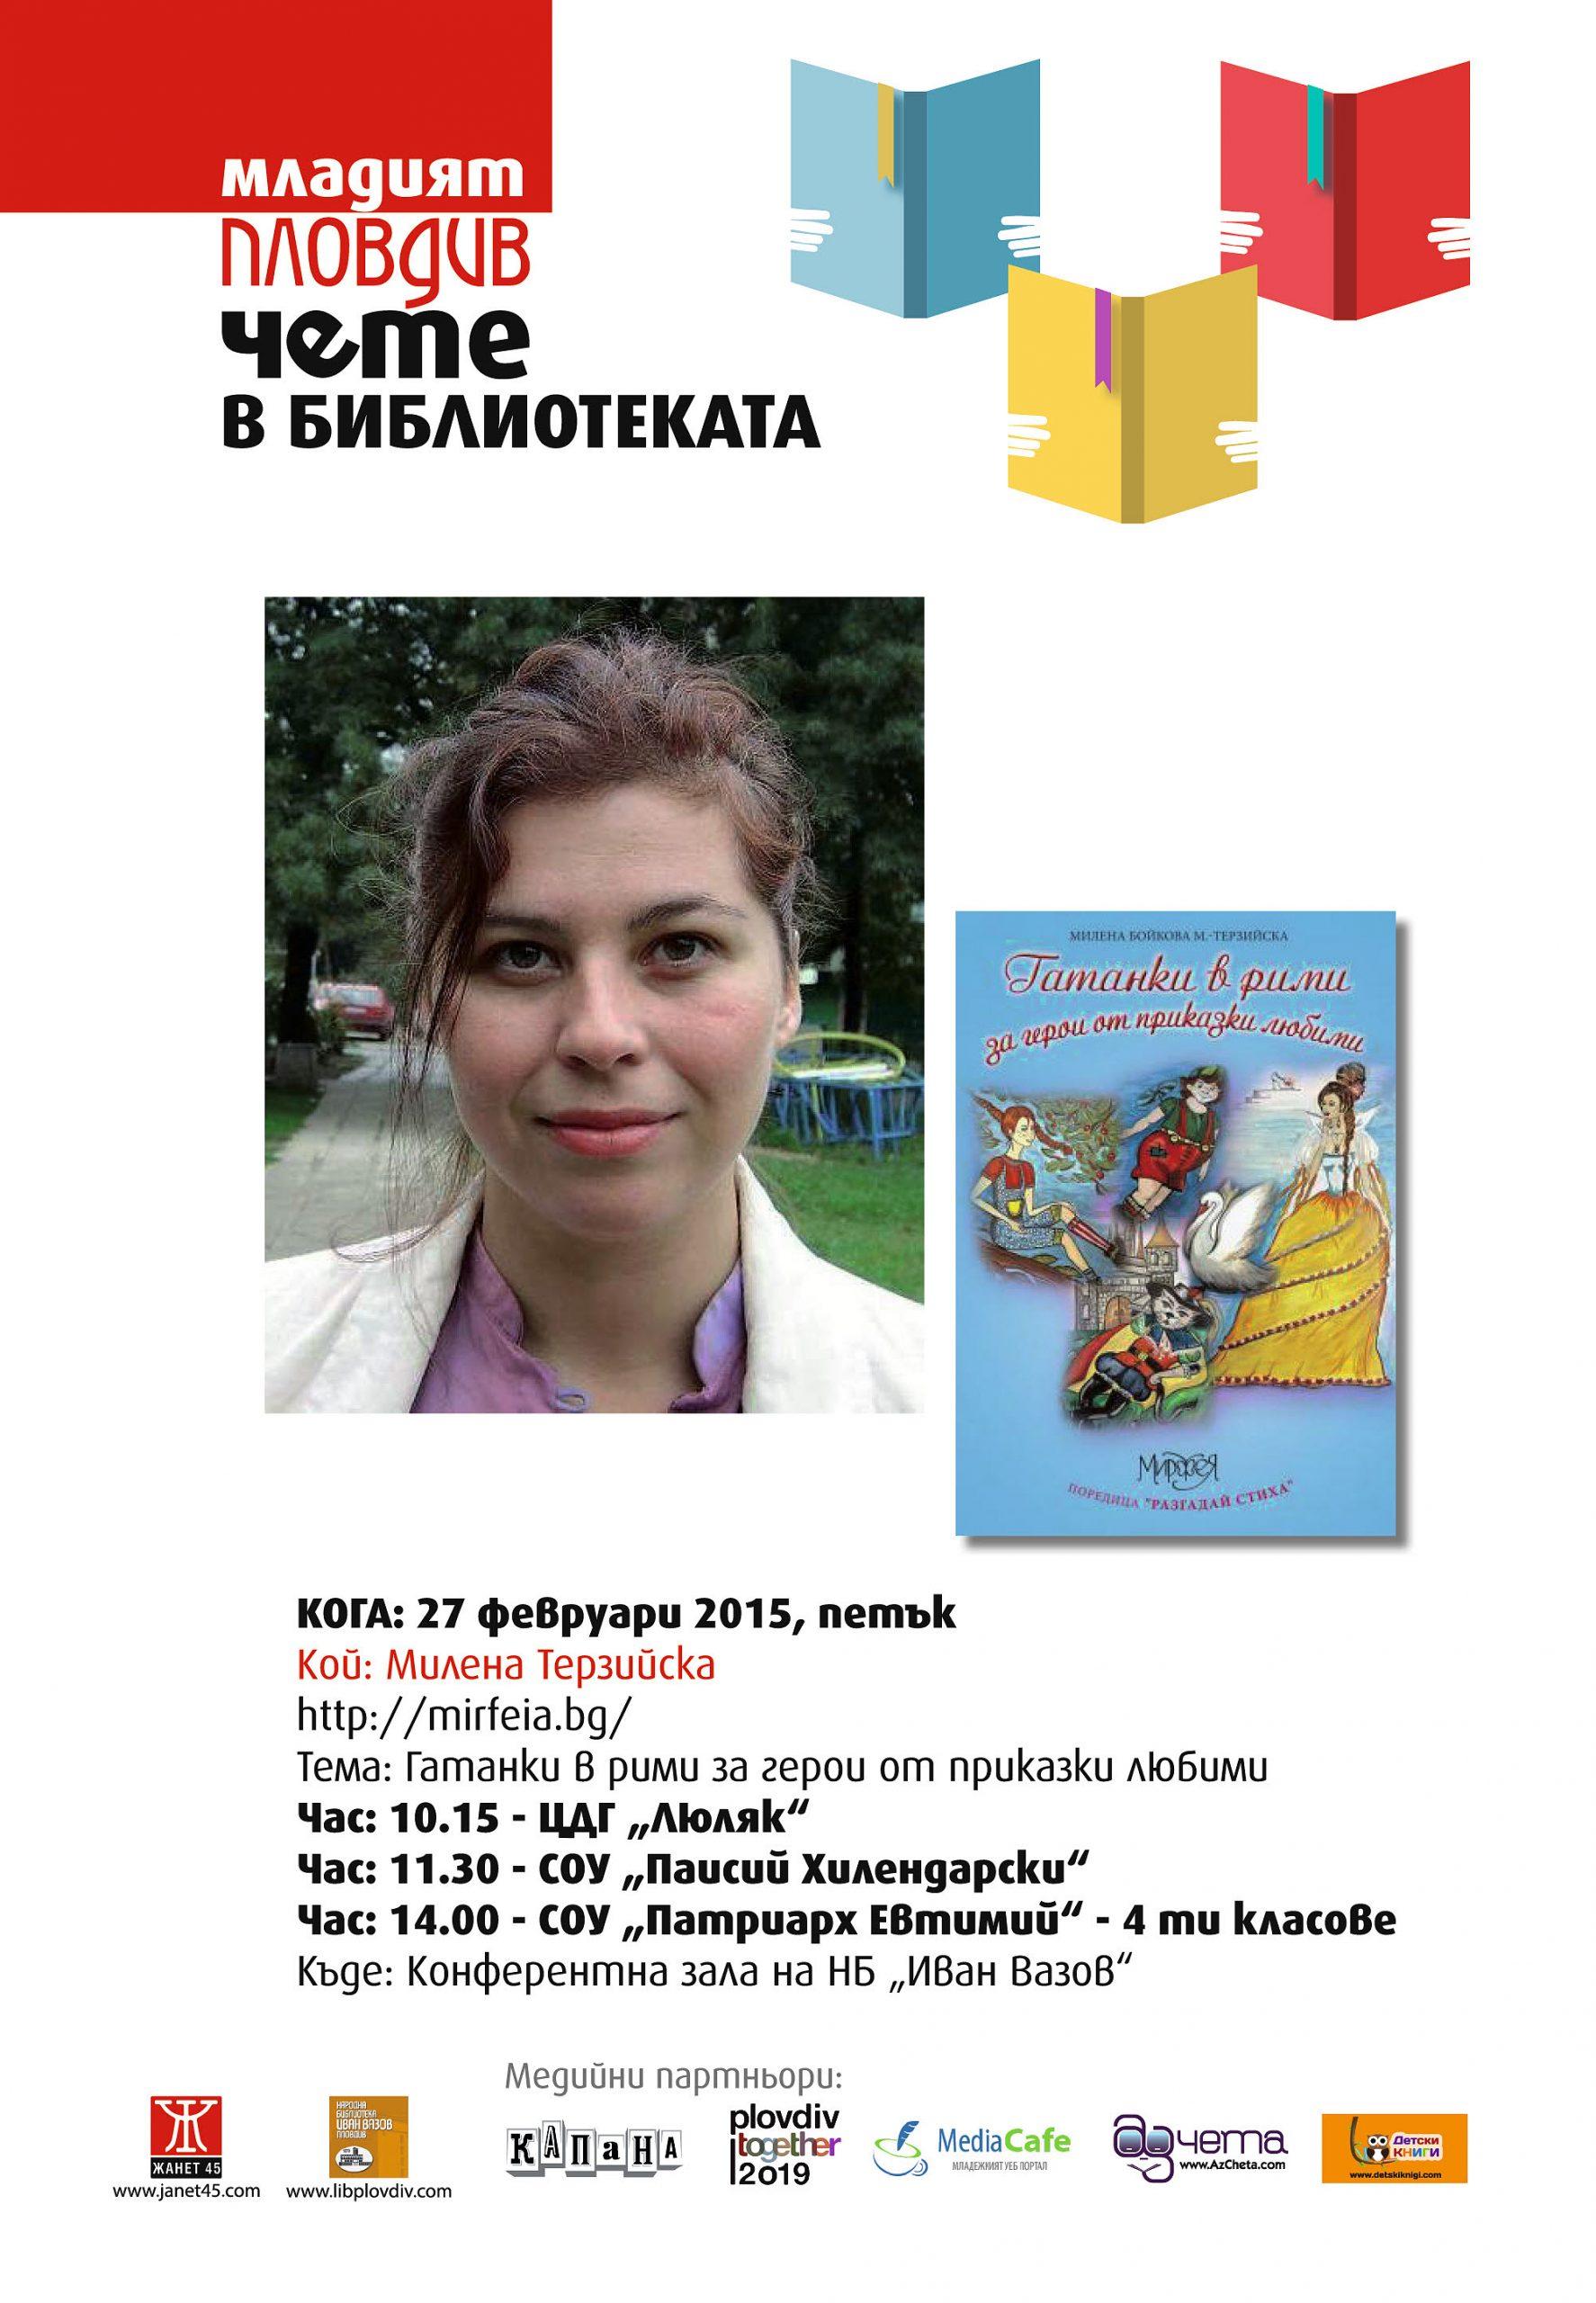 Младият Пловдив чете в библиотеката – Милена Терзийска и нейните гатанки